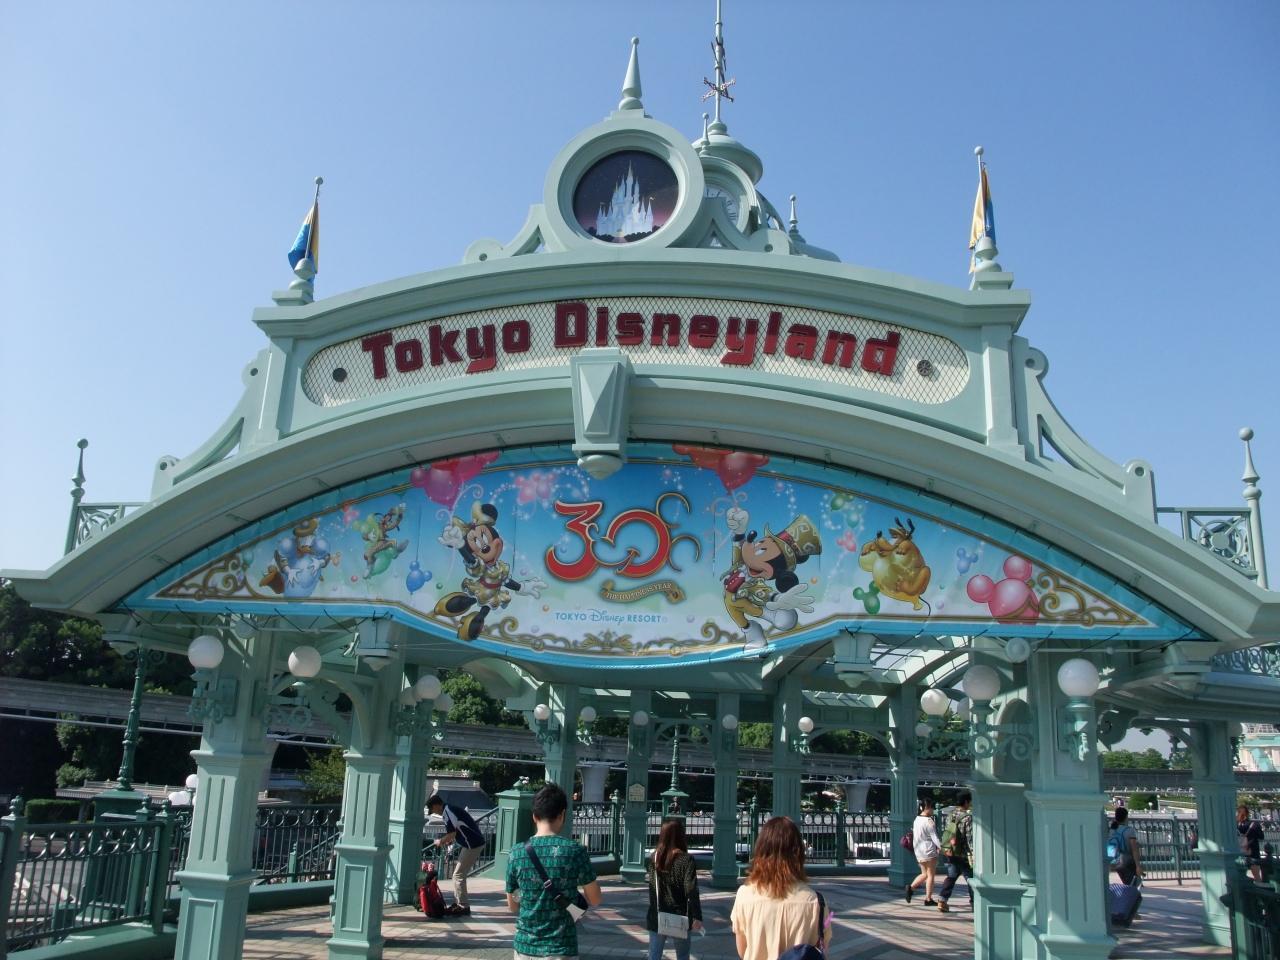 日帰りで行く30周年の東京ディズニーランド ディズニー・ハロウィーン